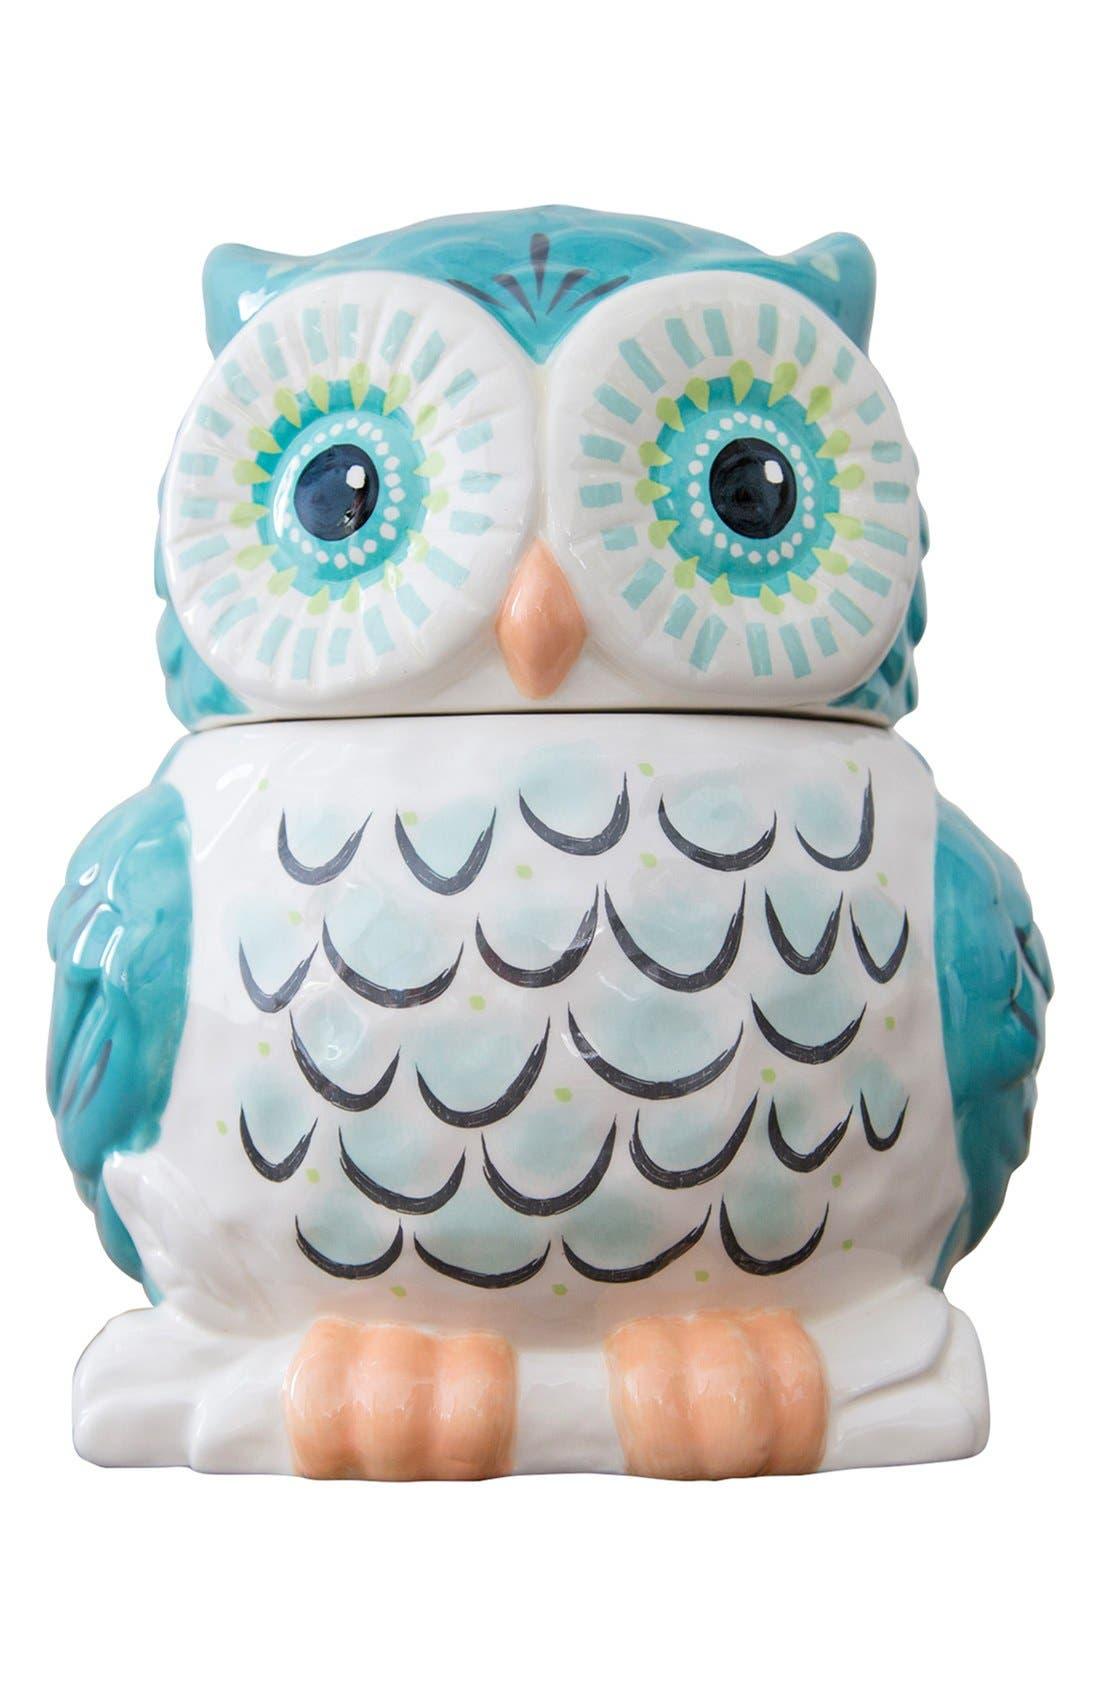 NATURAL LIFE Ceramic Owl Cookie Jar, Main, color, 900